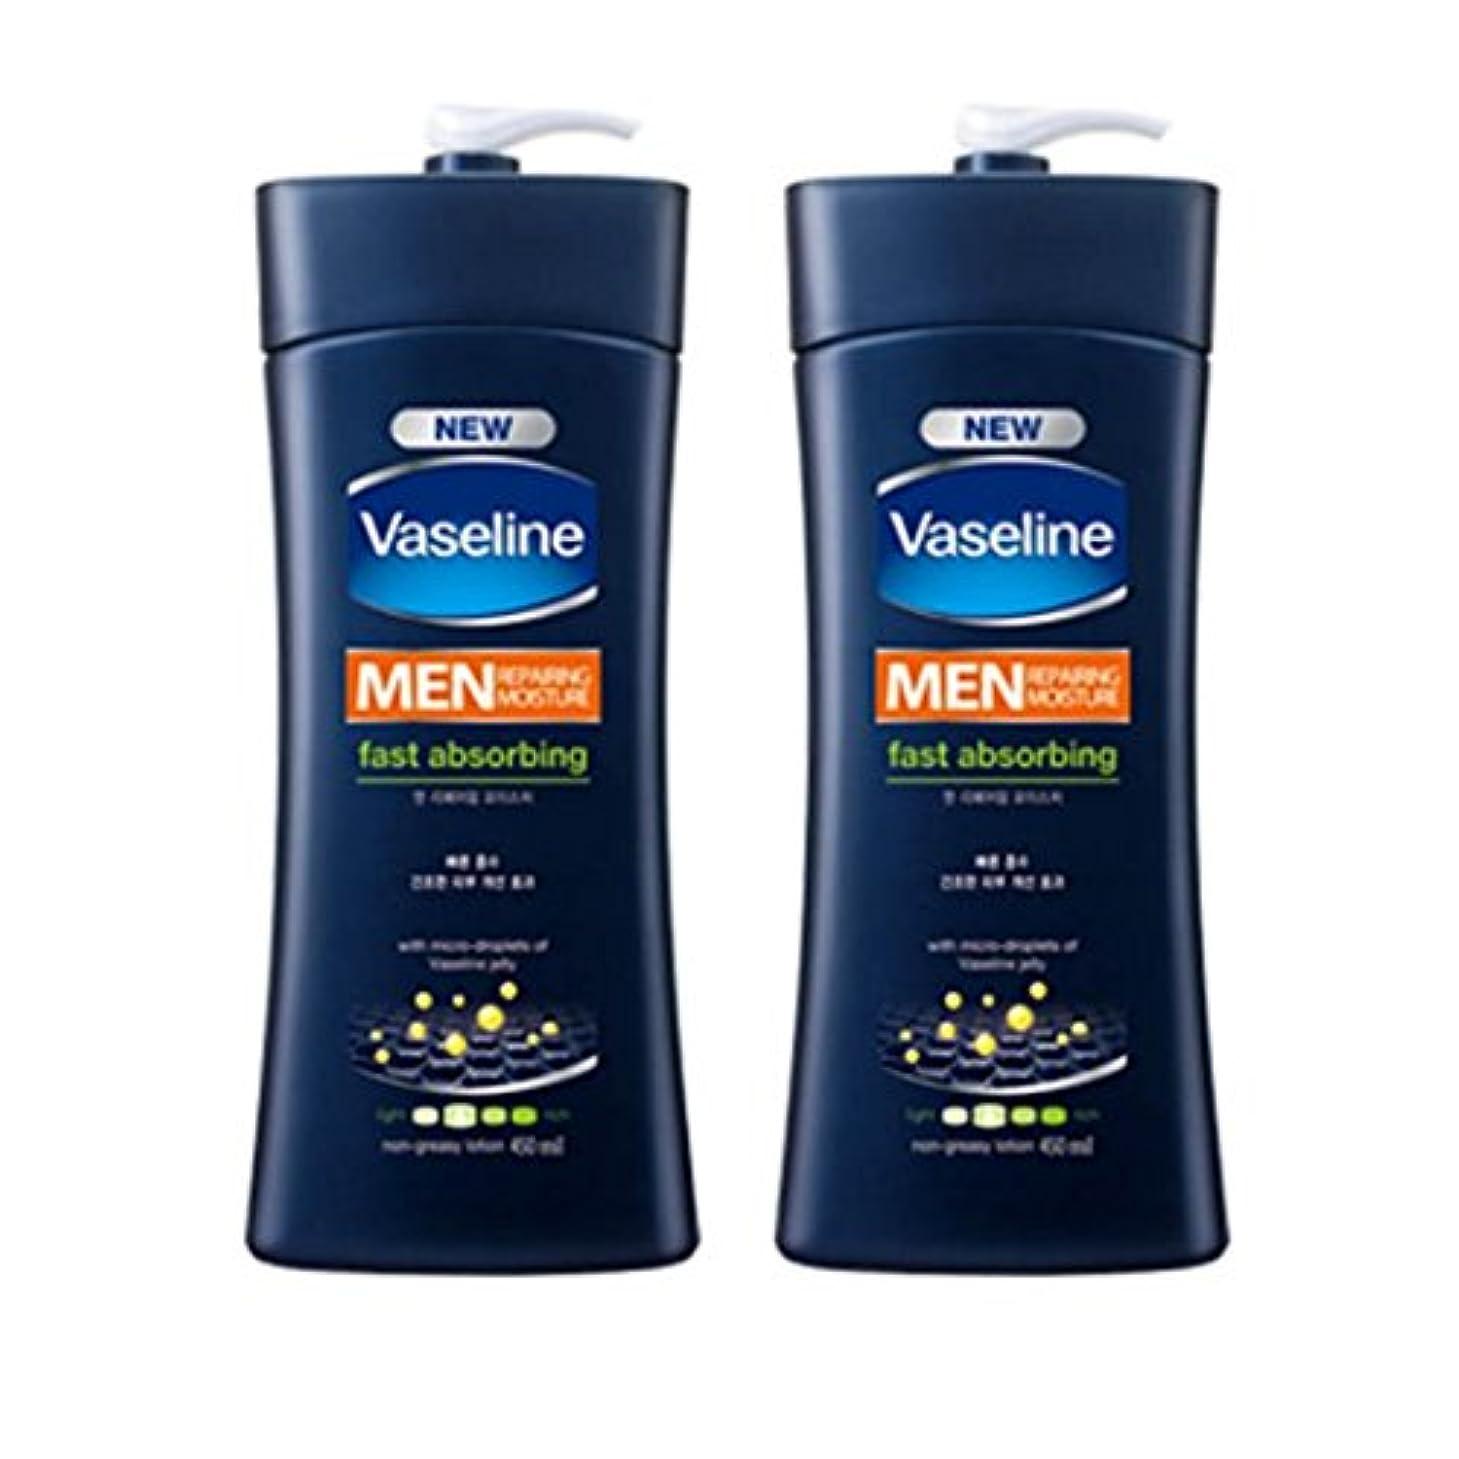 解決赤面廊下ヴァセリン メンズ リペアリング モイスチャーローション(Vaseline Man Repairing Moisture Lotion) 450ml X 2個 [並行輸入品]